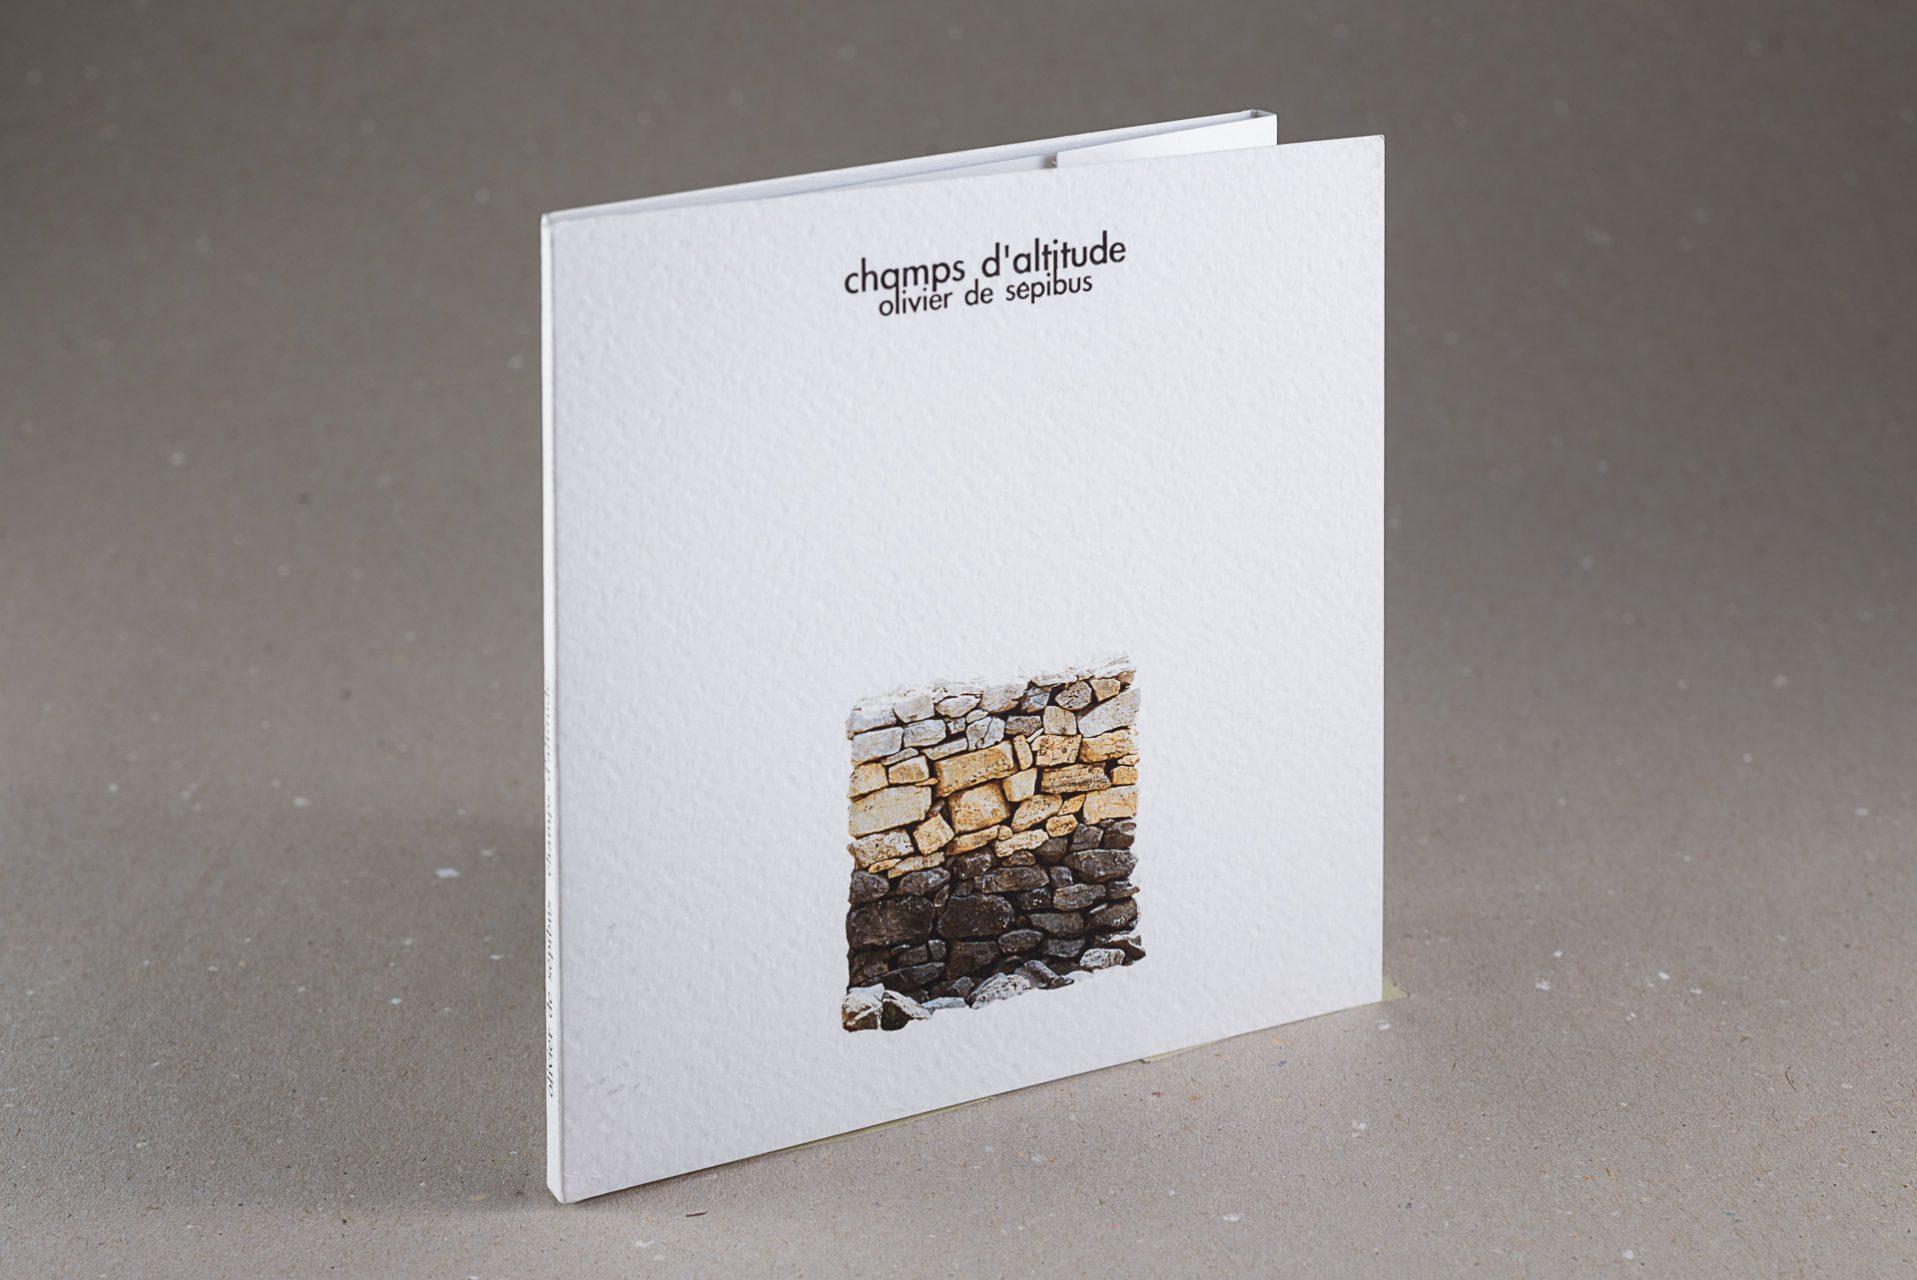 web-hd-nuit-myrtide-livre-champs-d-altitude-olivier-de-sepibus-01